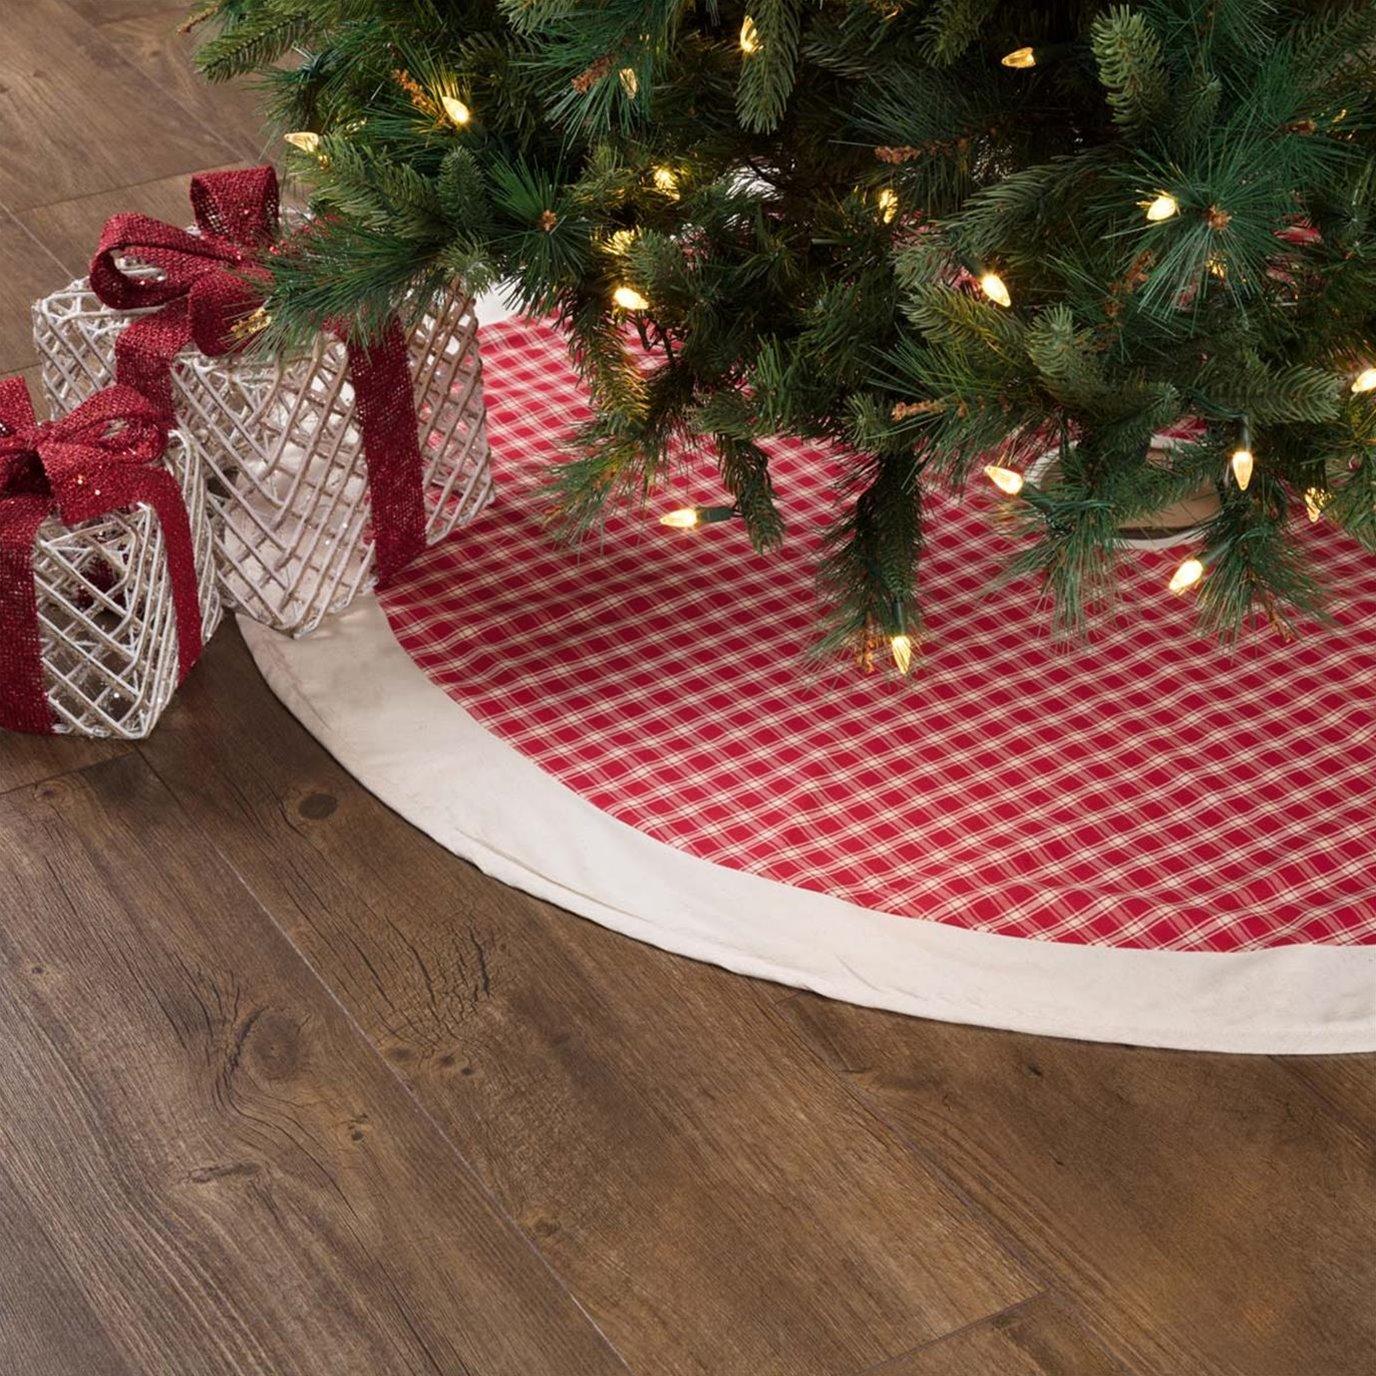 Red Plaid Tree Skirt 48